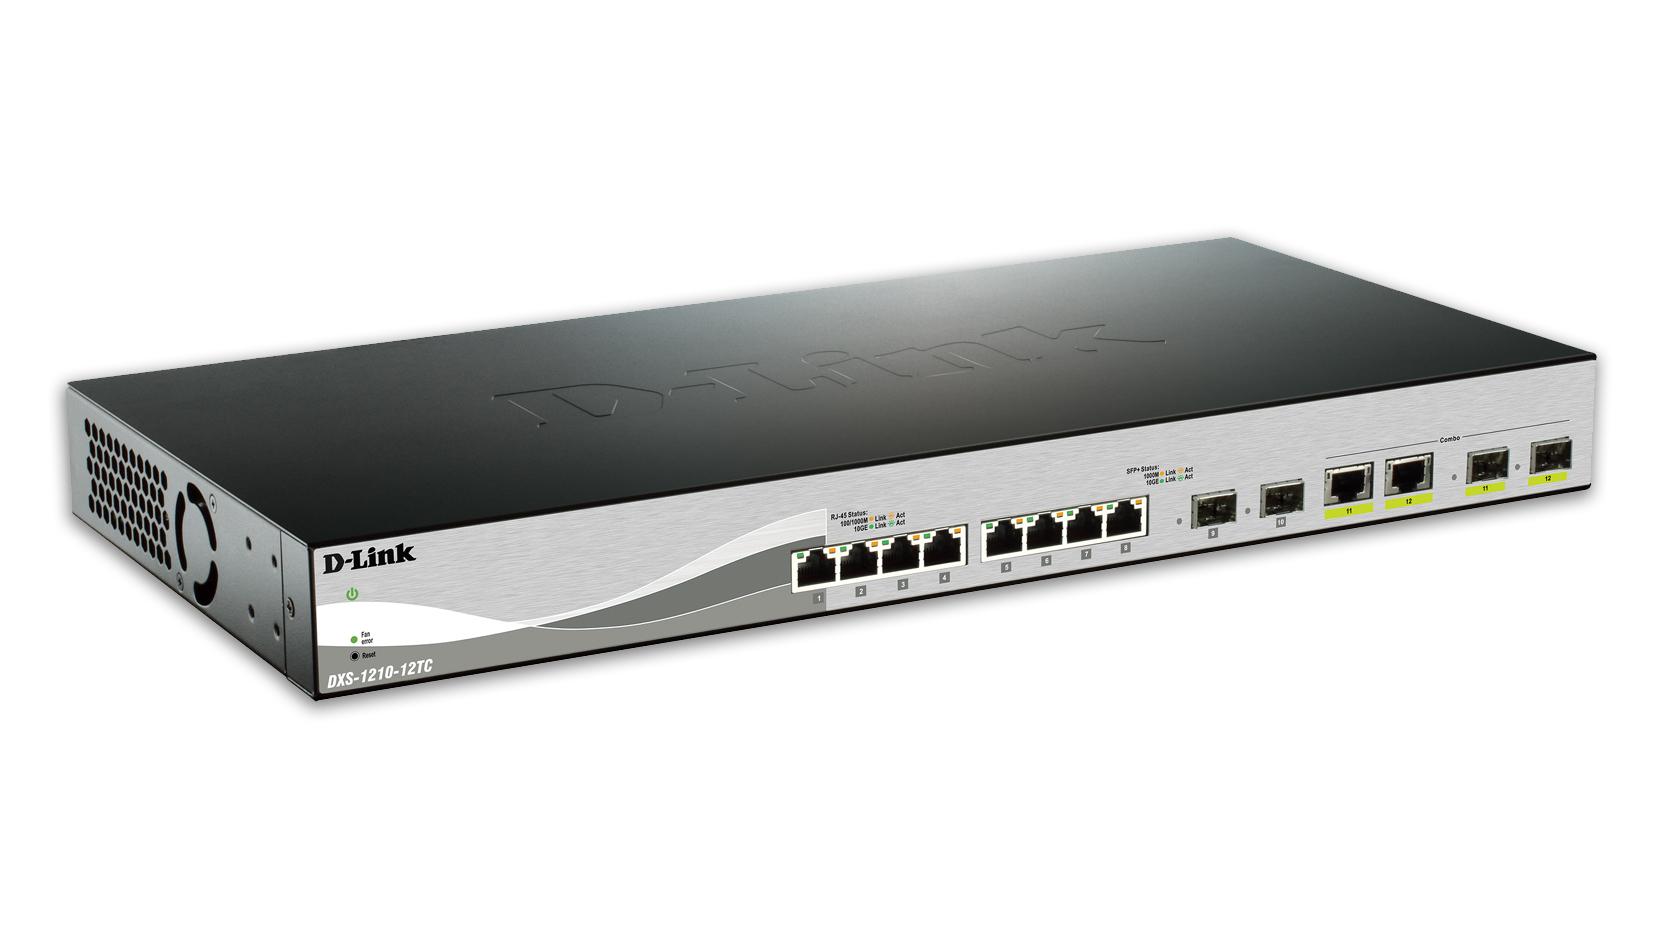 D-Link DXS-1210-12TC network switch